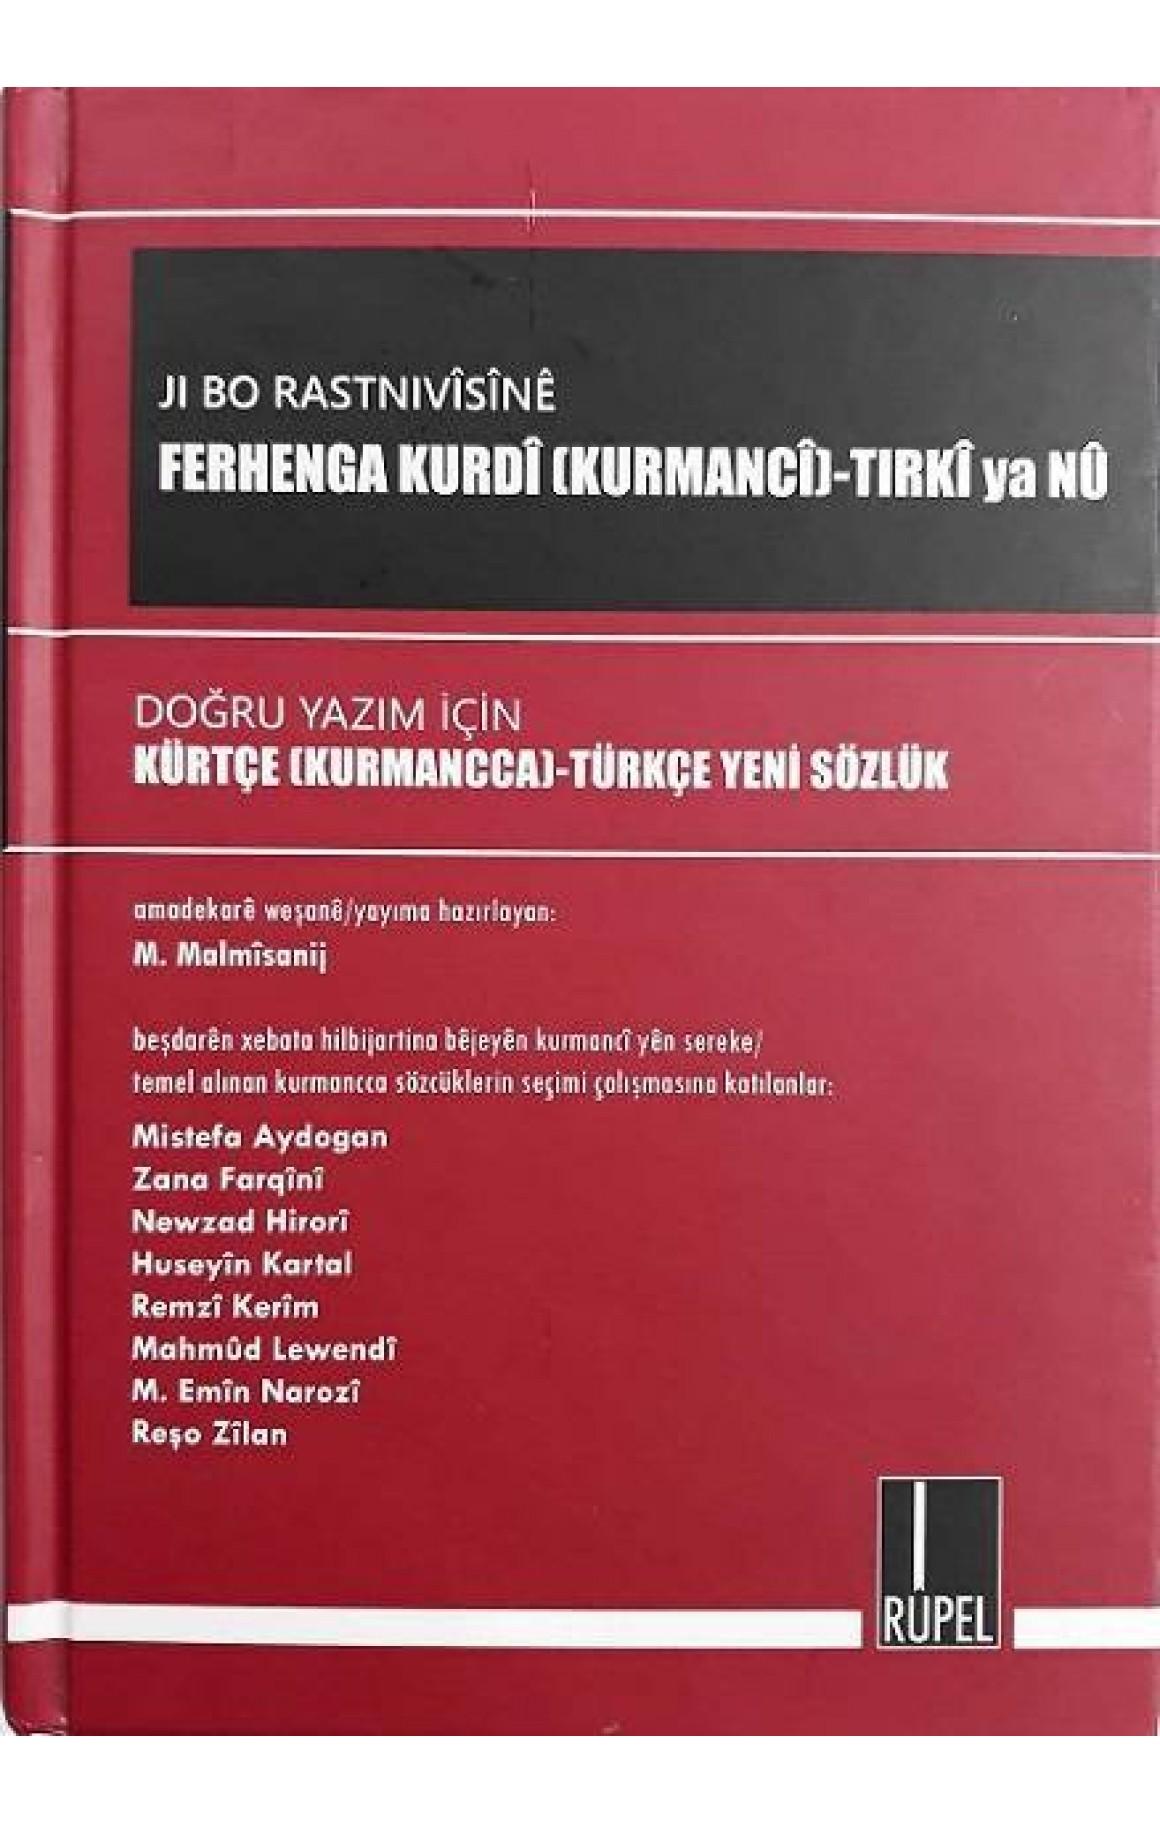 Ferhanga Kurdî (Kurmancî)-Tirkî  Türkçe-Kürtçe (cîlda taybet û berfirehkirî)